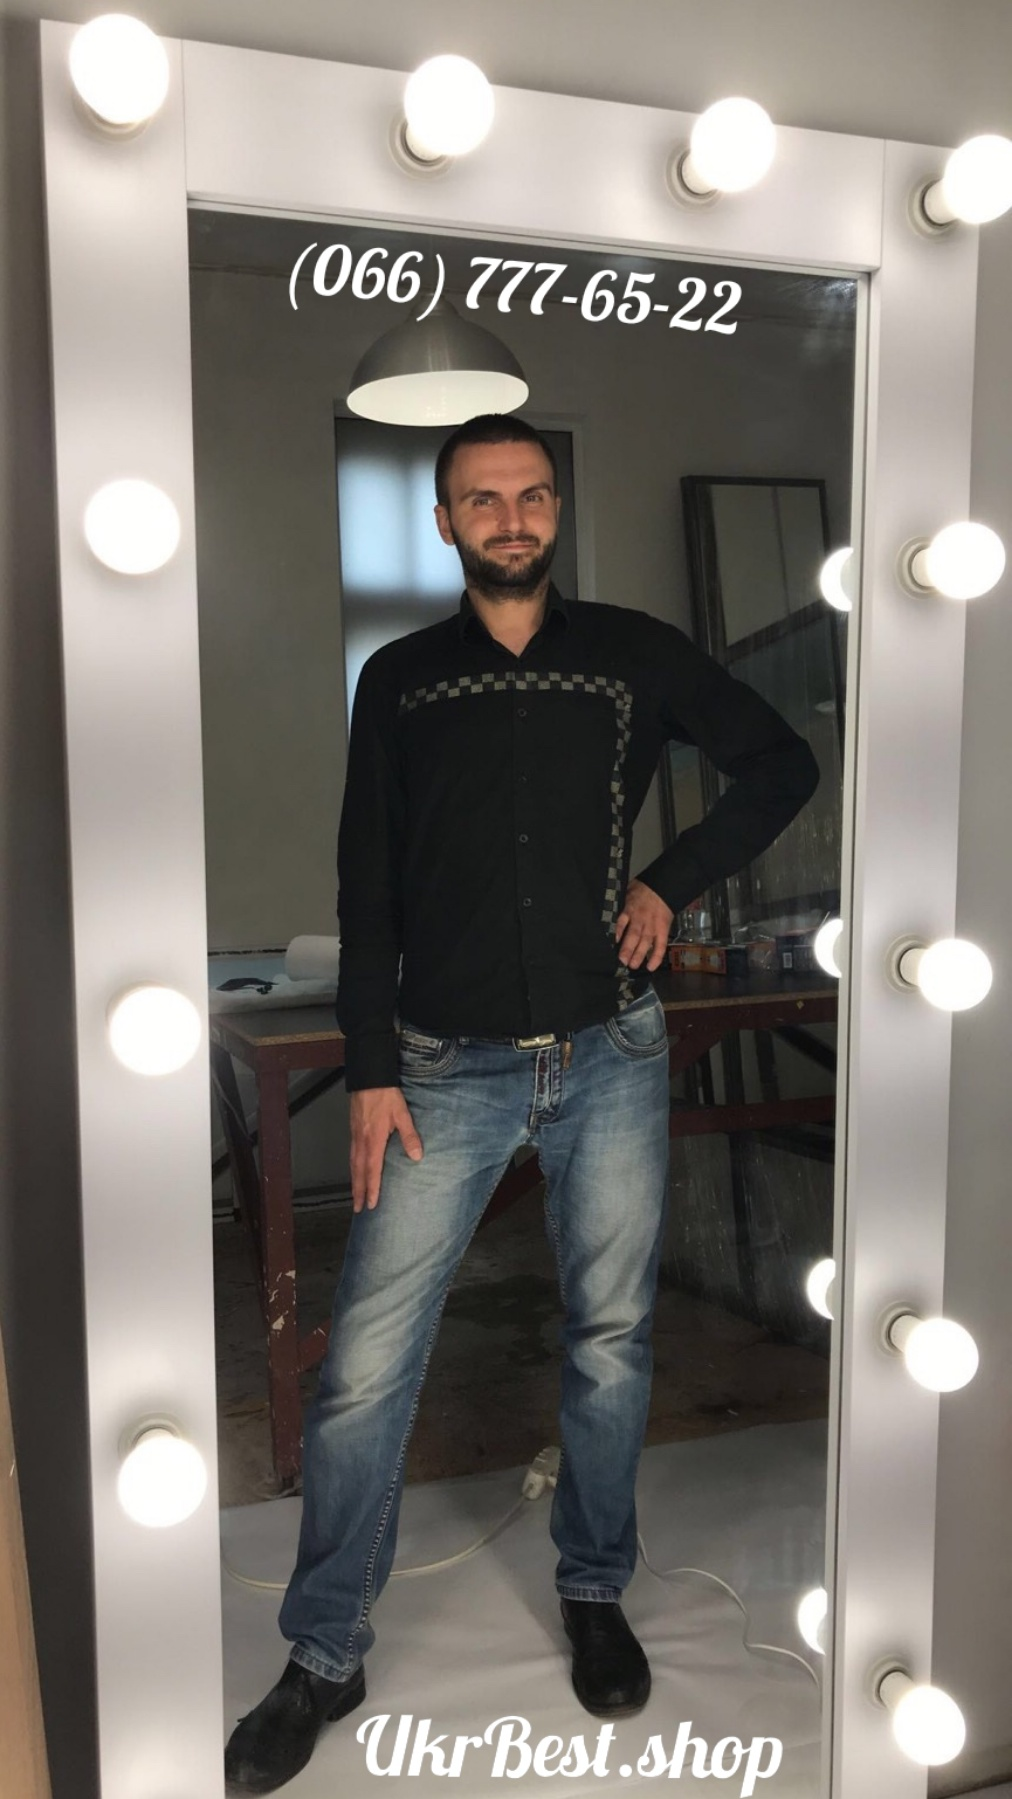 Зеркало с подсветкой лампочками во весь рост - мебель УкрБест